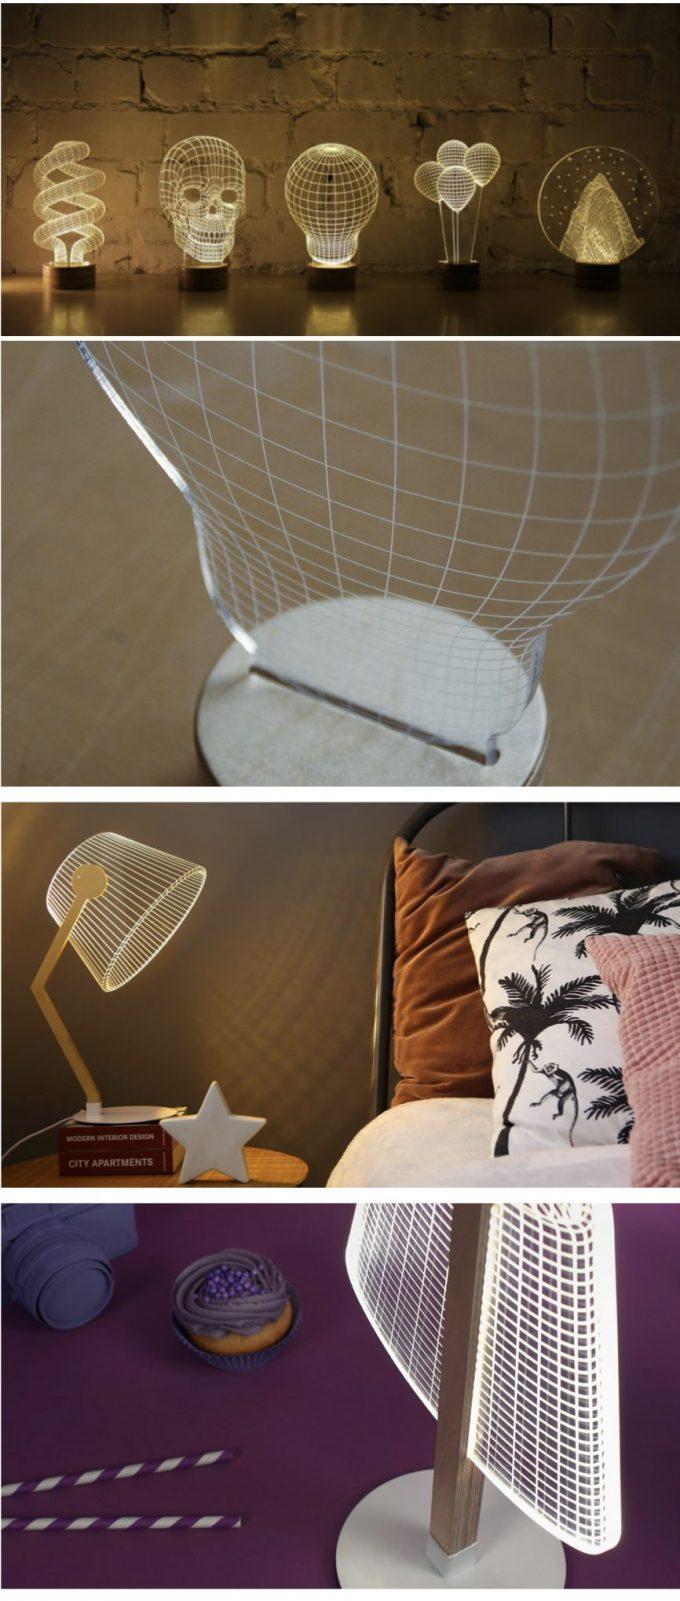 bulbing studio cheha lampe de créateur trompe oeil 2d 3d plate blog déco design clemaroundthecorner